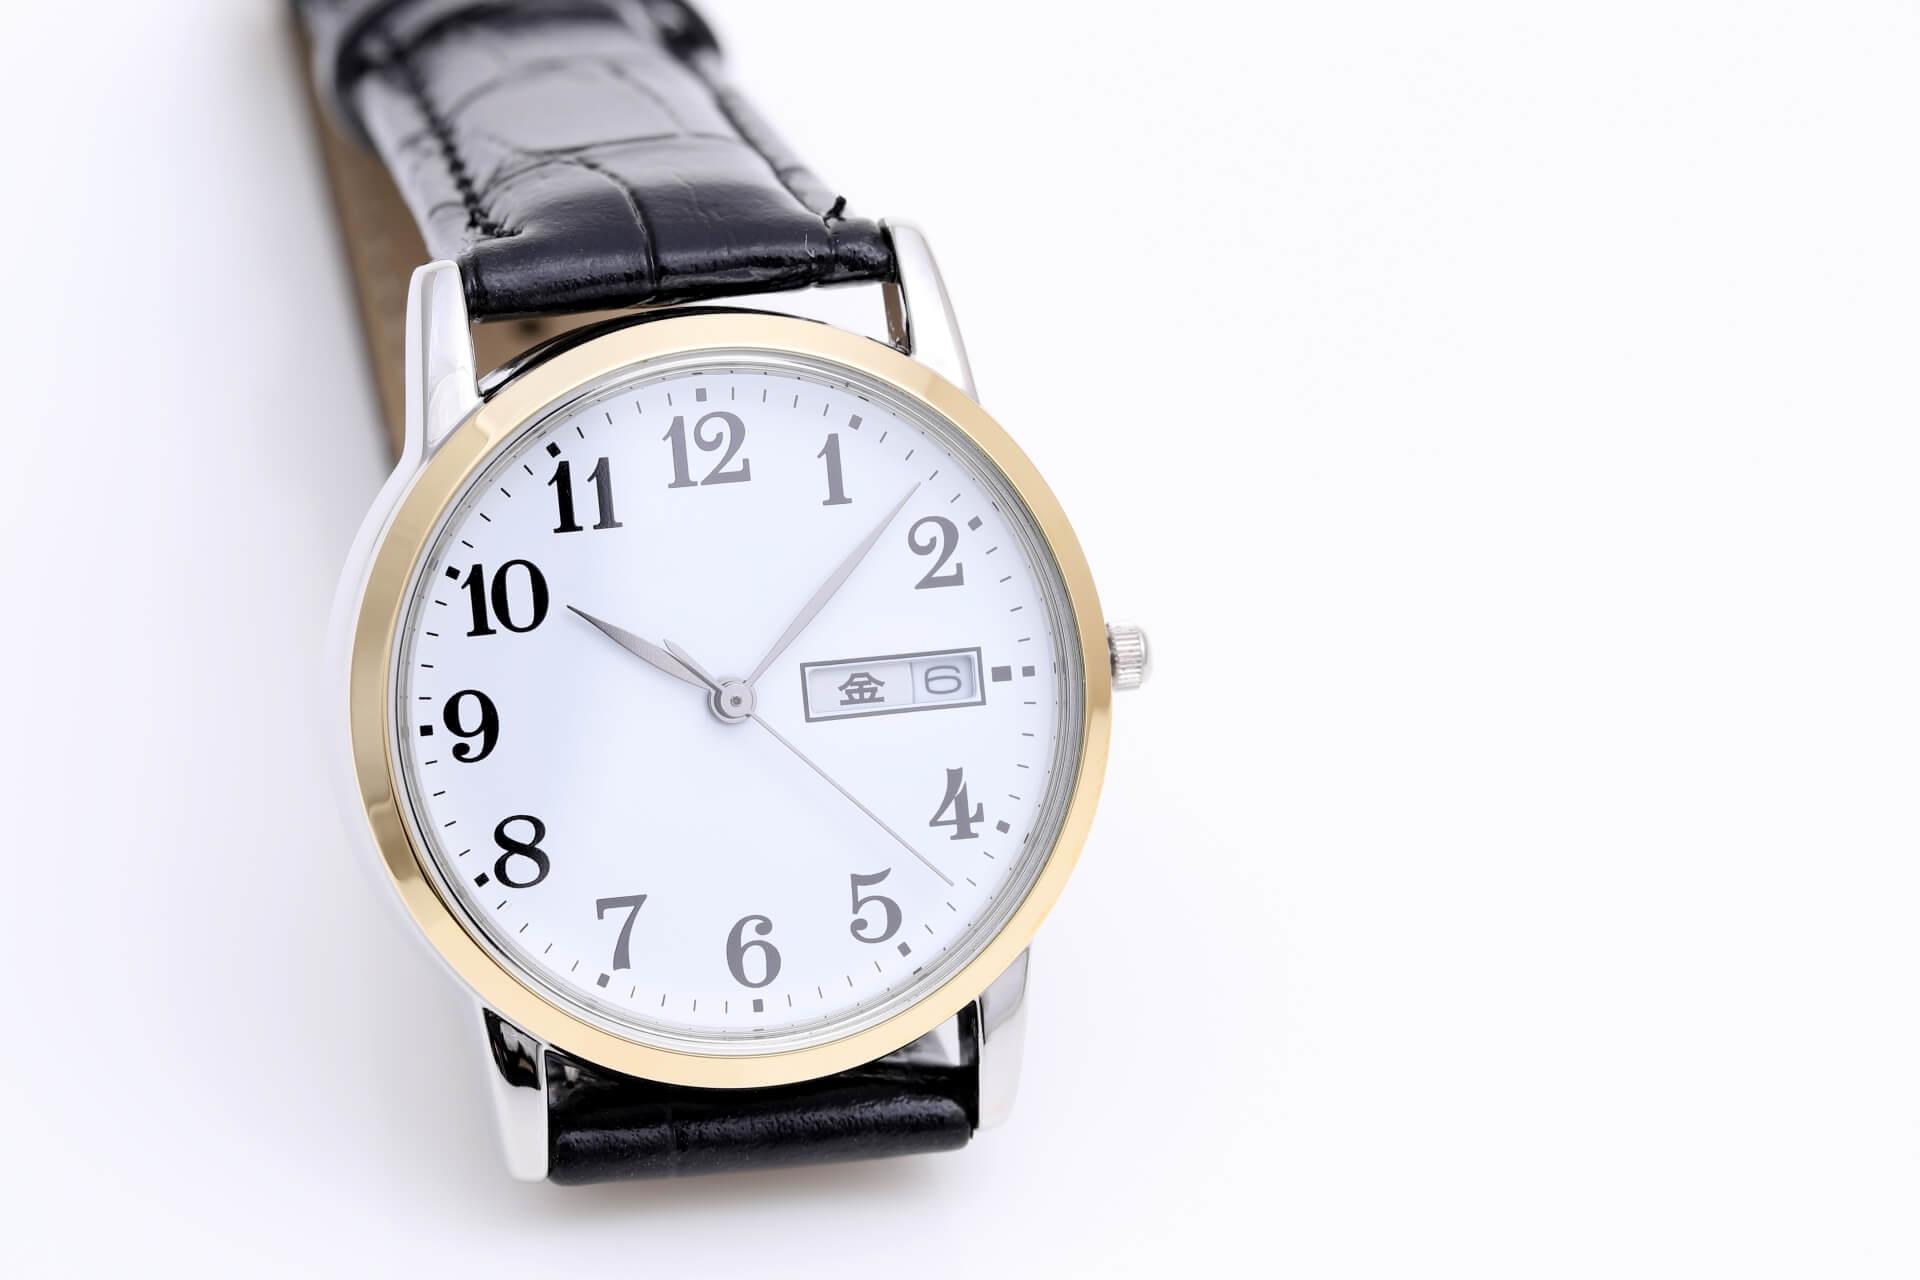 アウトドアで活躍する時計にはどんな機能が必要か